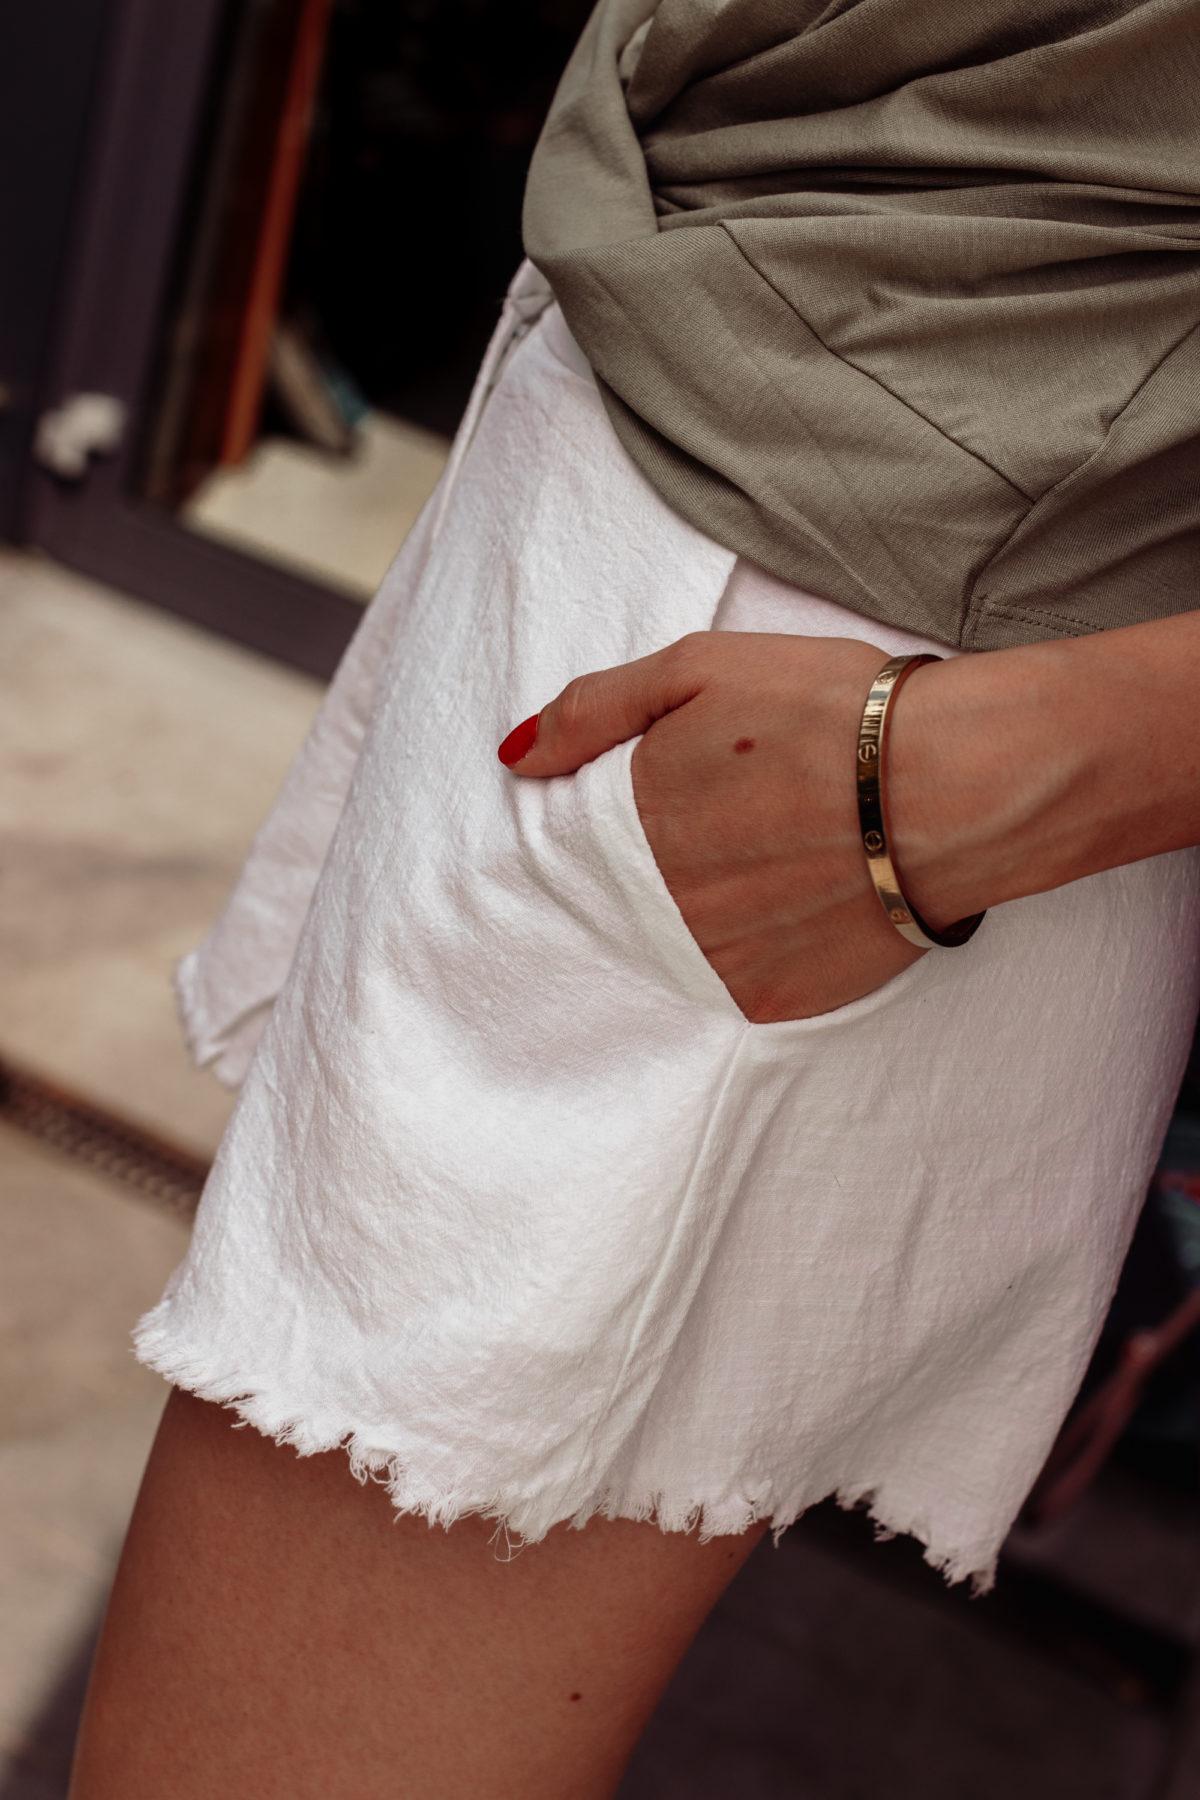 Outfit: Front Knot Top Mattgrün auf dem österreichischen Lifestyle Blog Bits and Bobs by Eva. Mehr Fashion auf www.bitsandbiobsbyeva.com